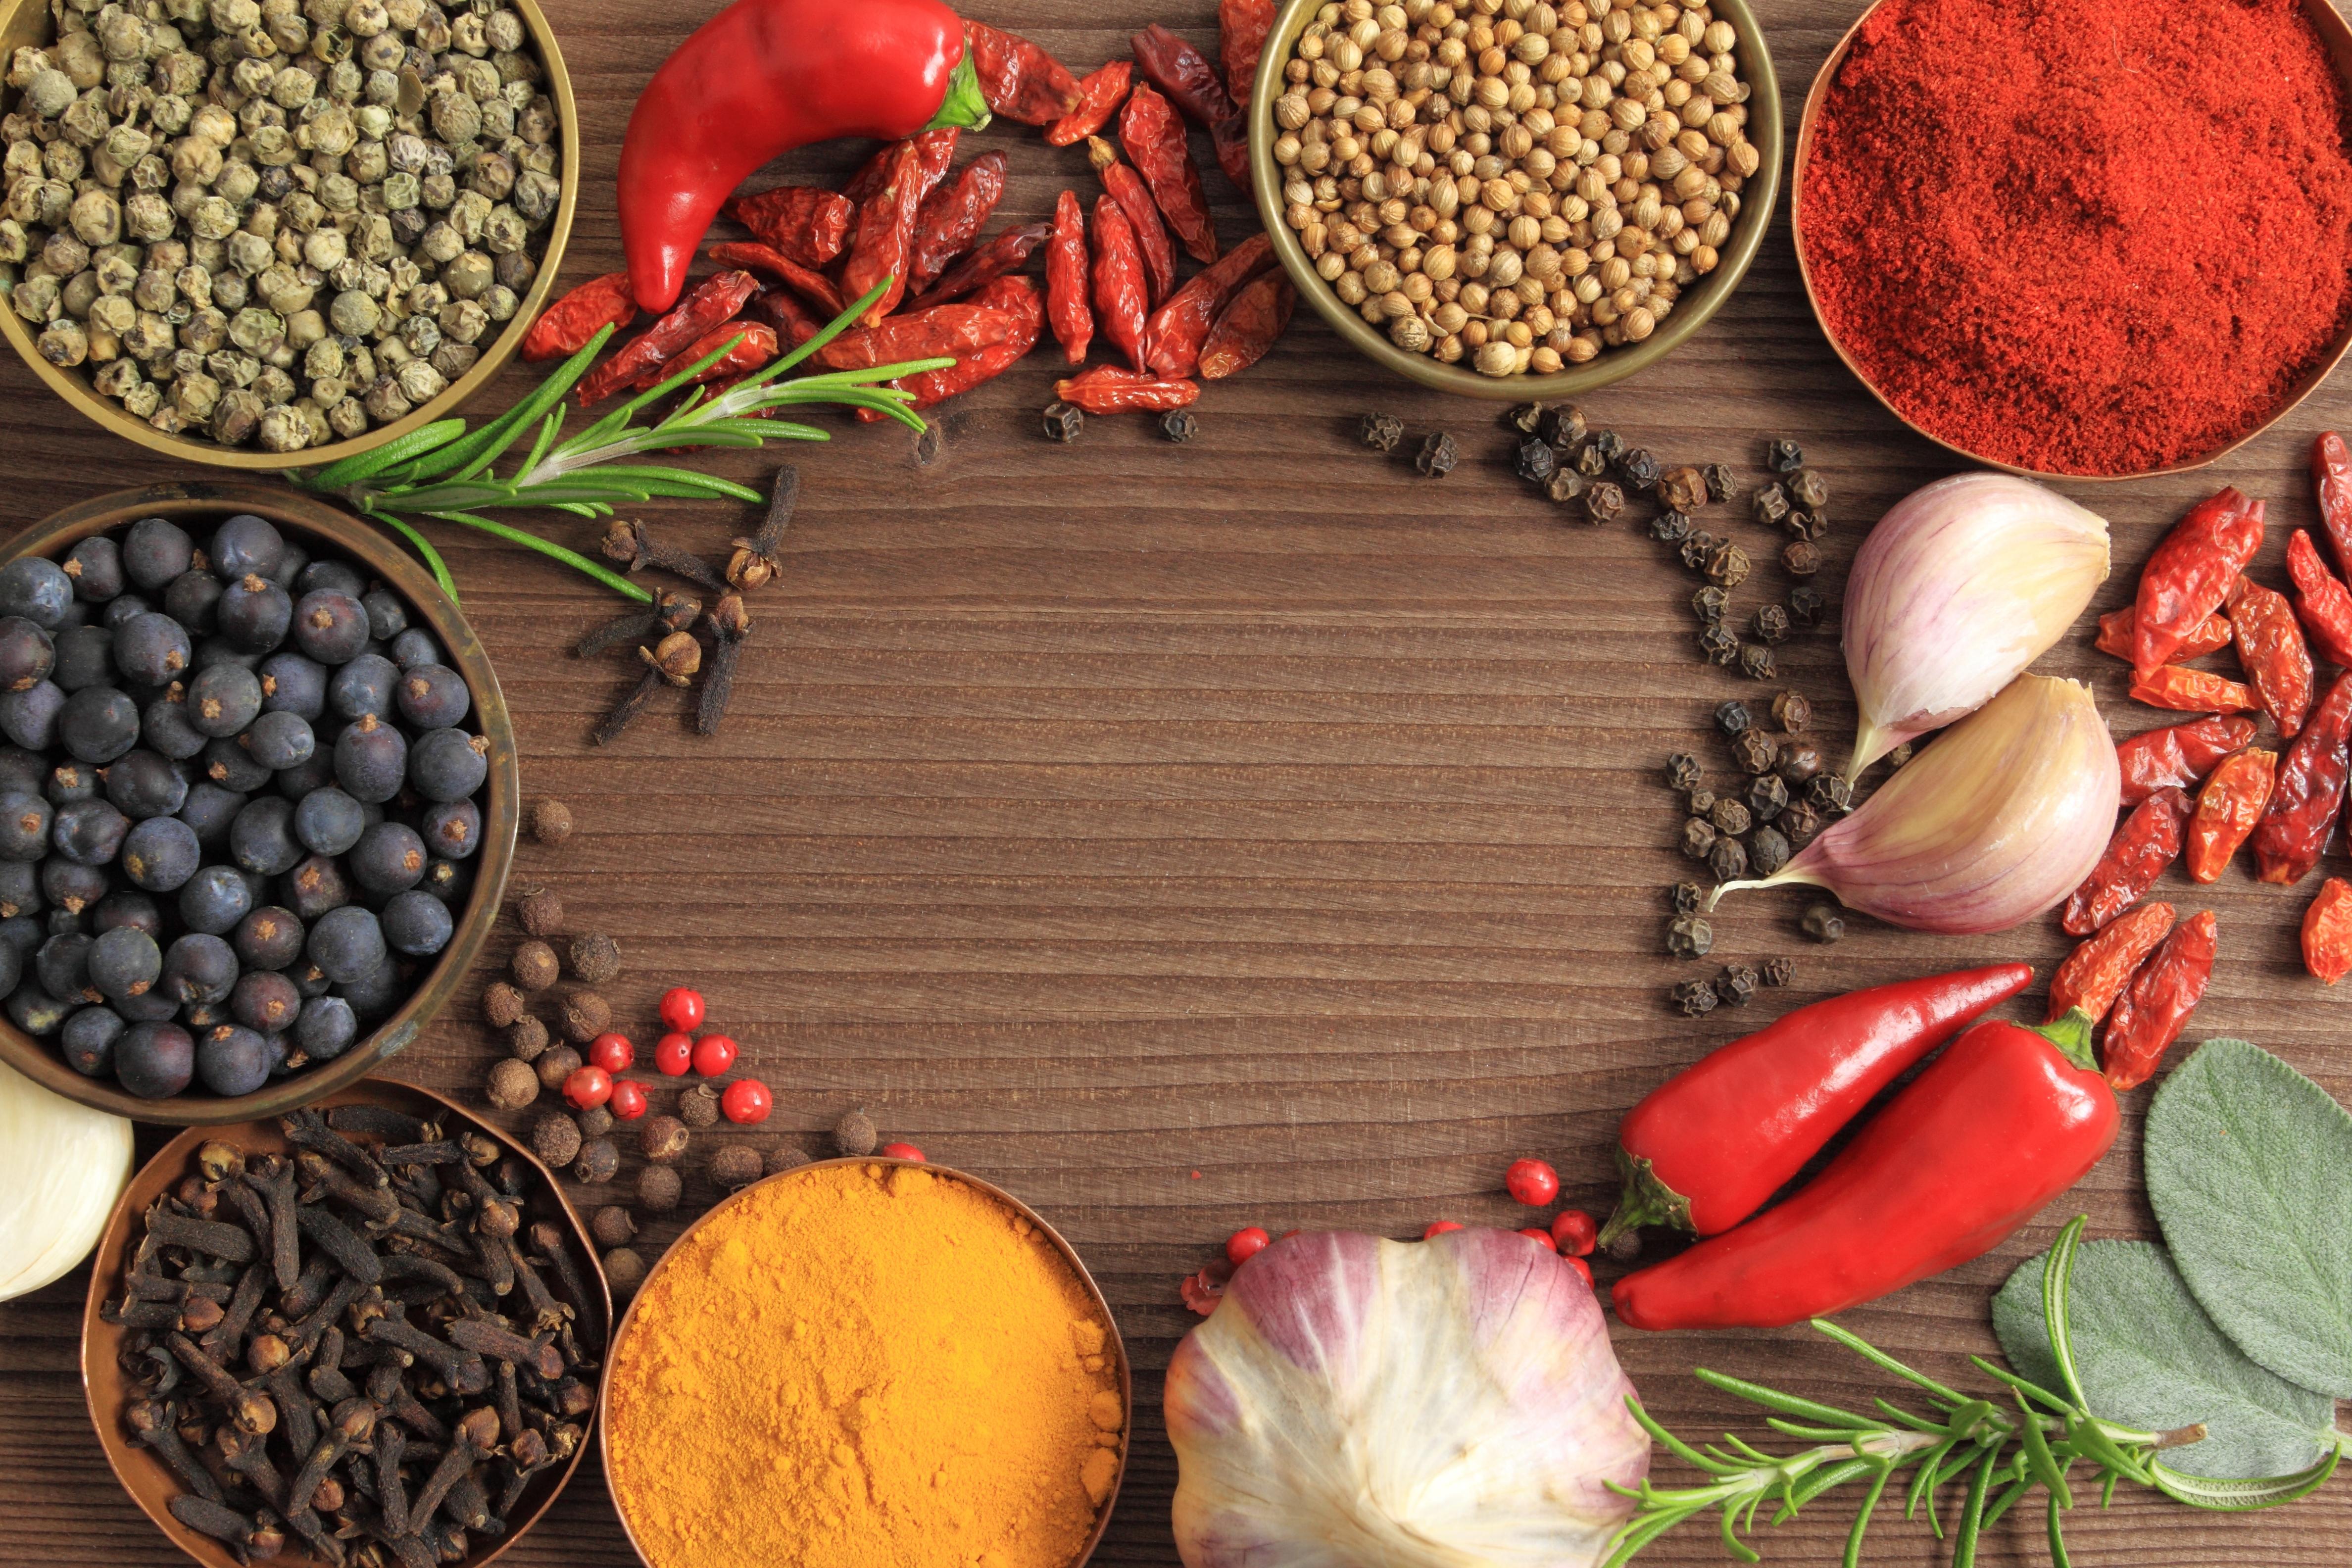 Картинки Чеснок Пища Перец Специи Много 4752x3168 Еда приправы пряности перец овощной Продукты питания